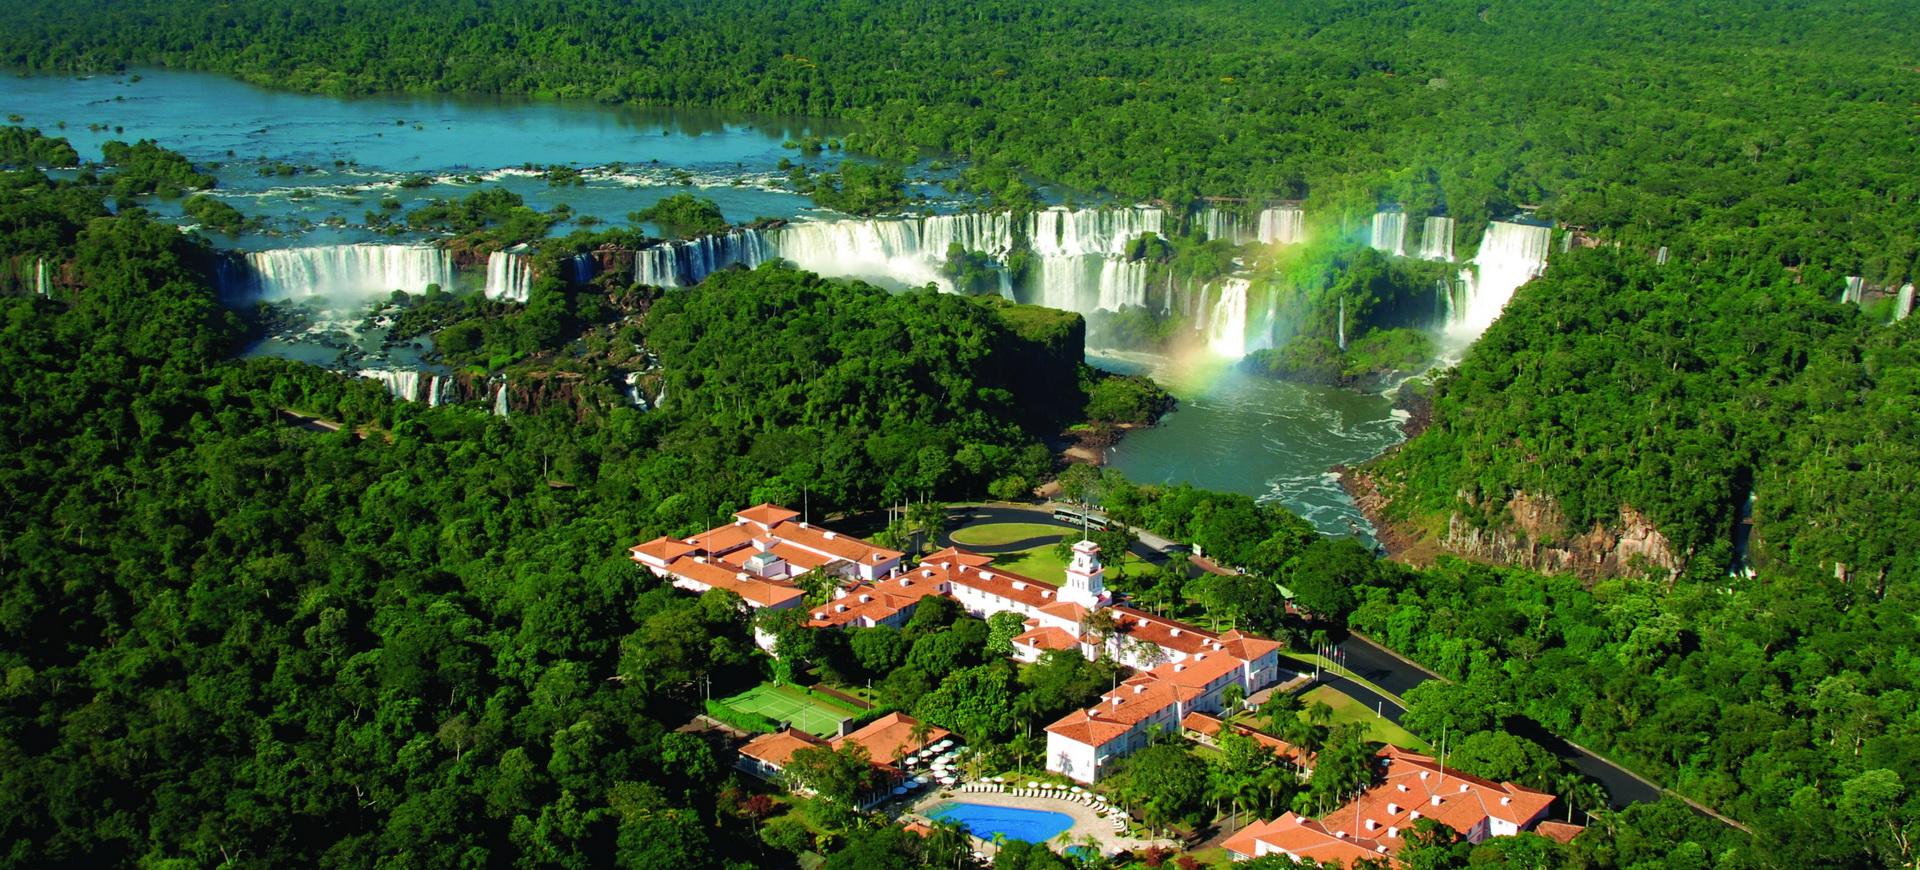 Argentine Iguacu Chutes coté Brésilien 001